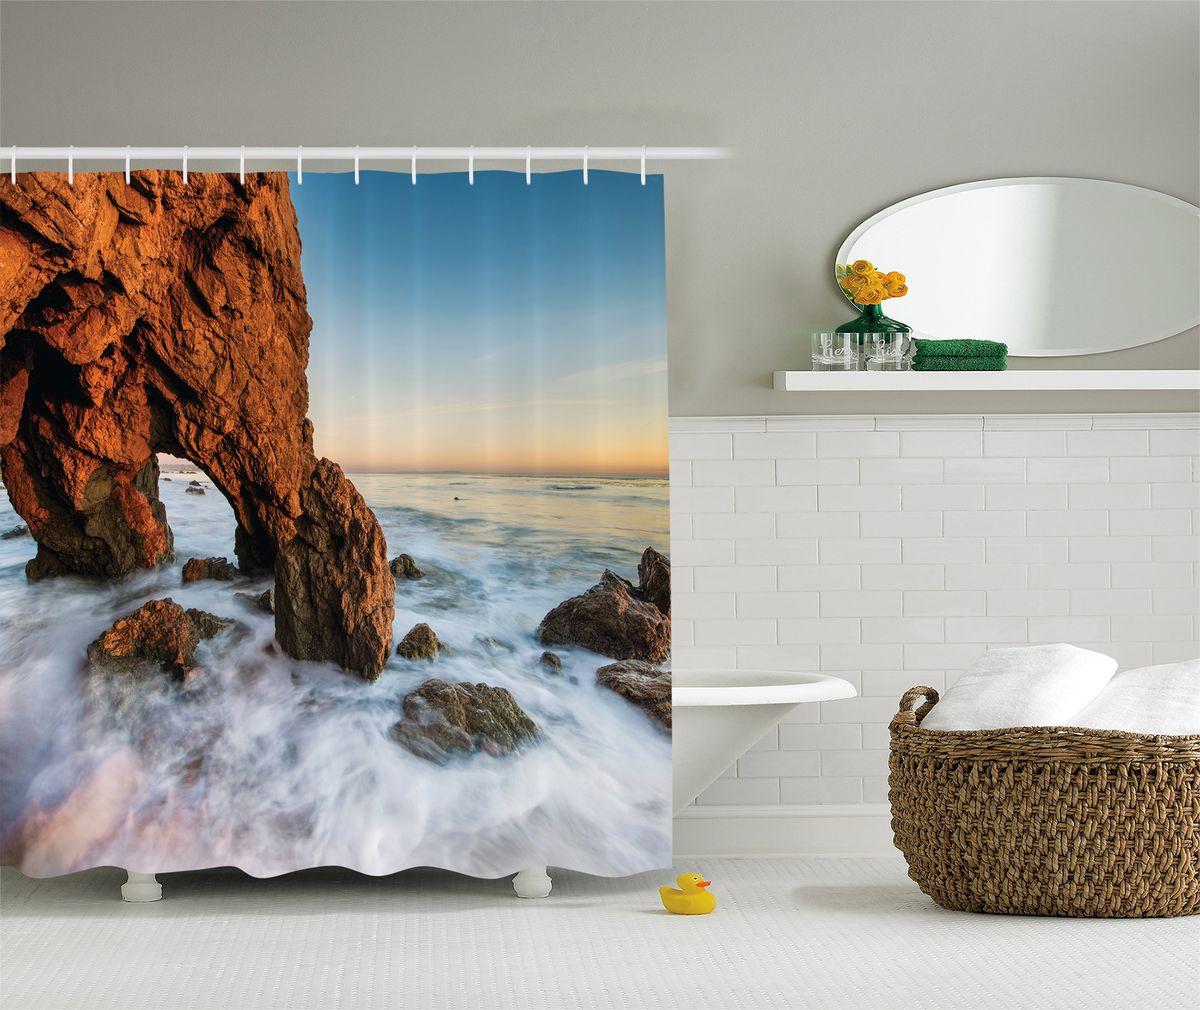 Штора для ванной комнаты Magic Lady Скала в пенном море, 180 х 200 см штора для ванной комнаты magic lady дерево в волшебном лесу цвет коричневый оранжевый 180 х 200 см href page 4